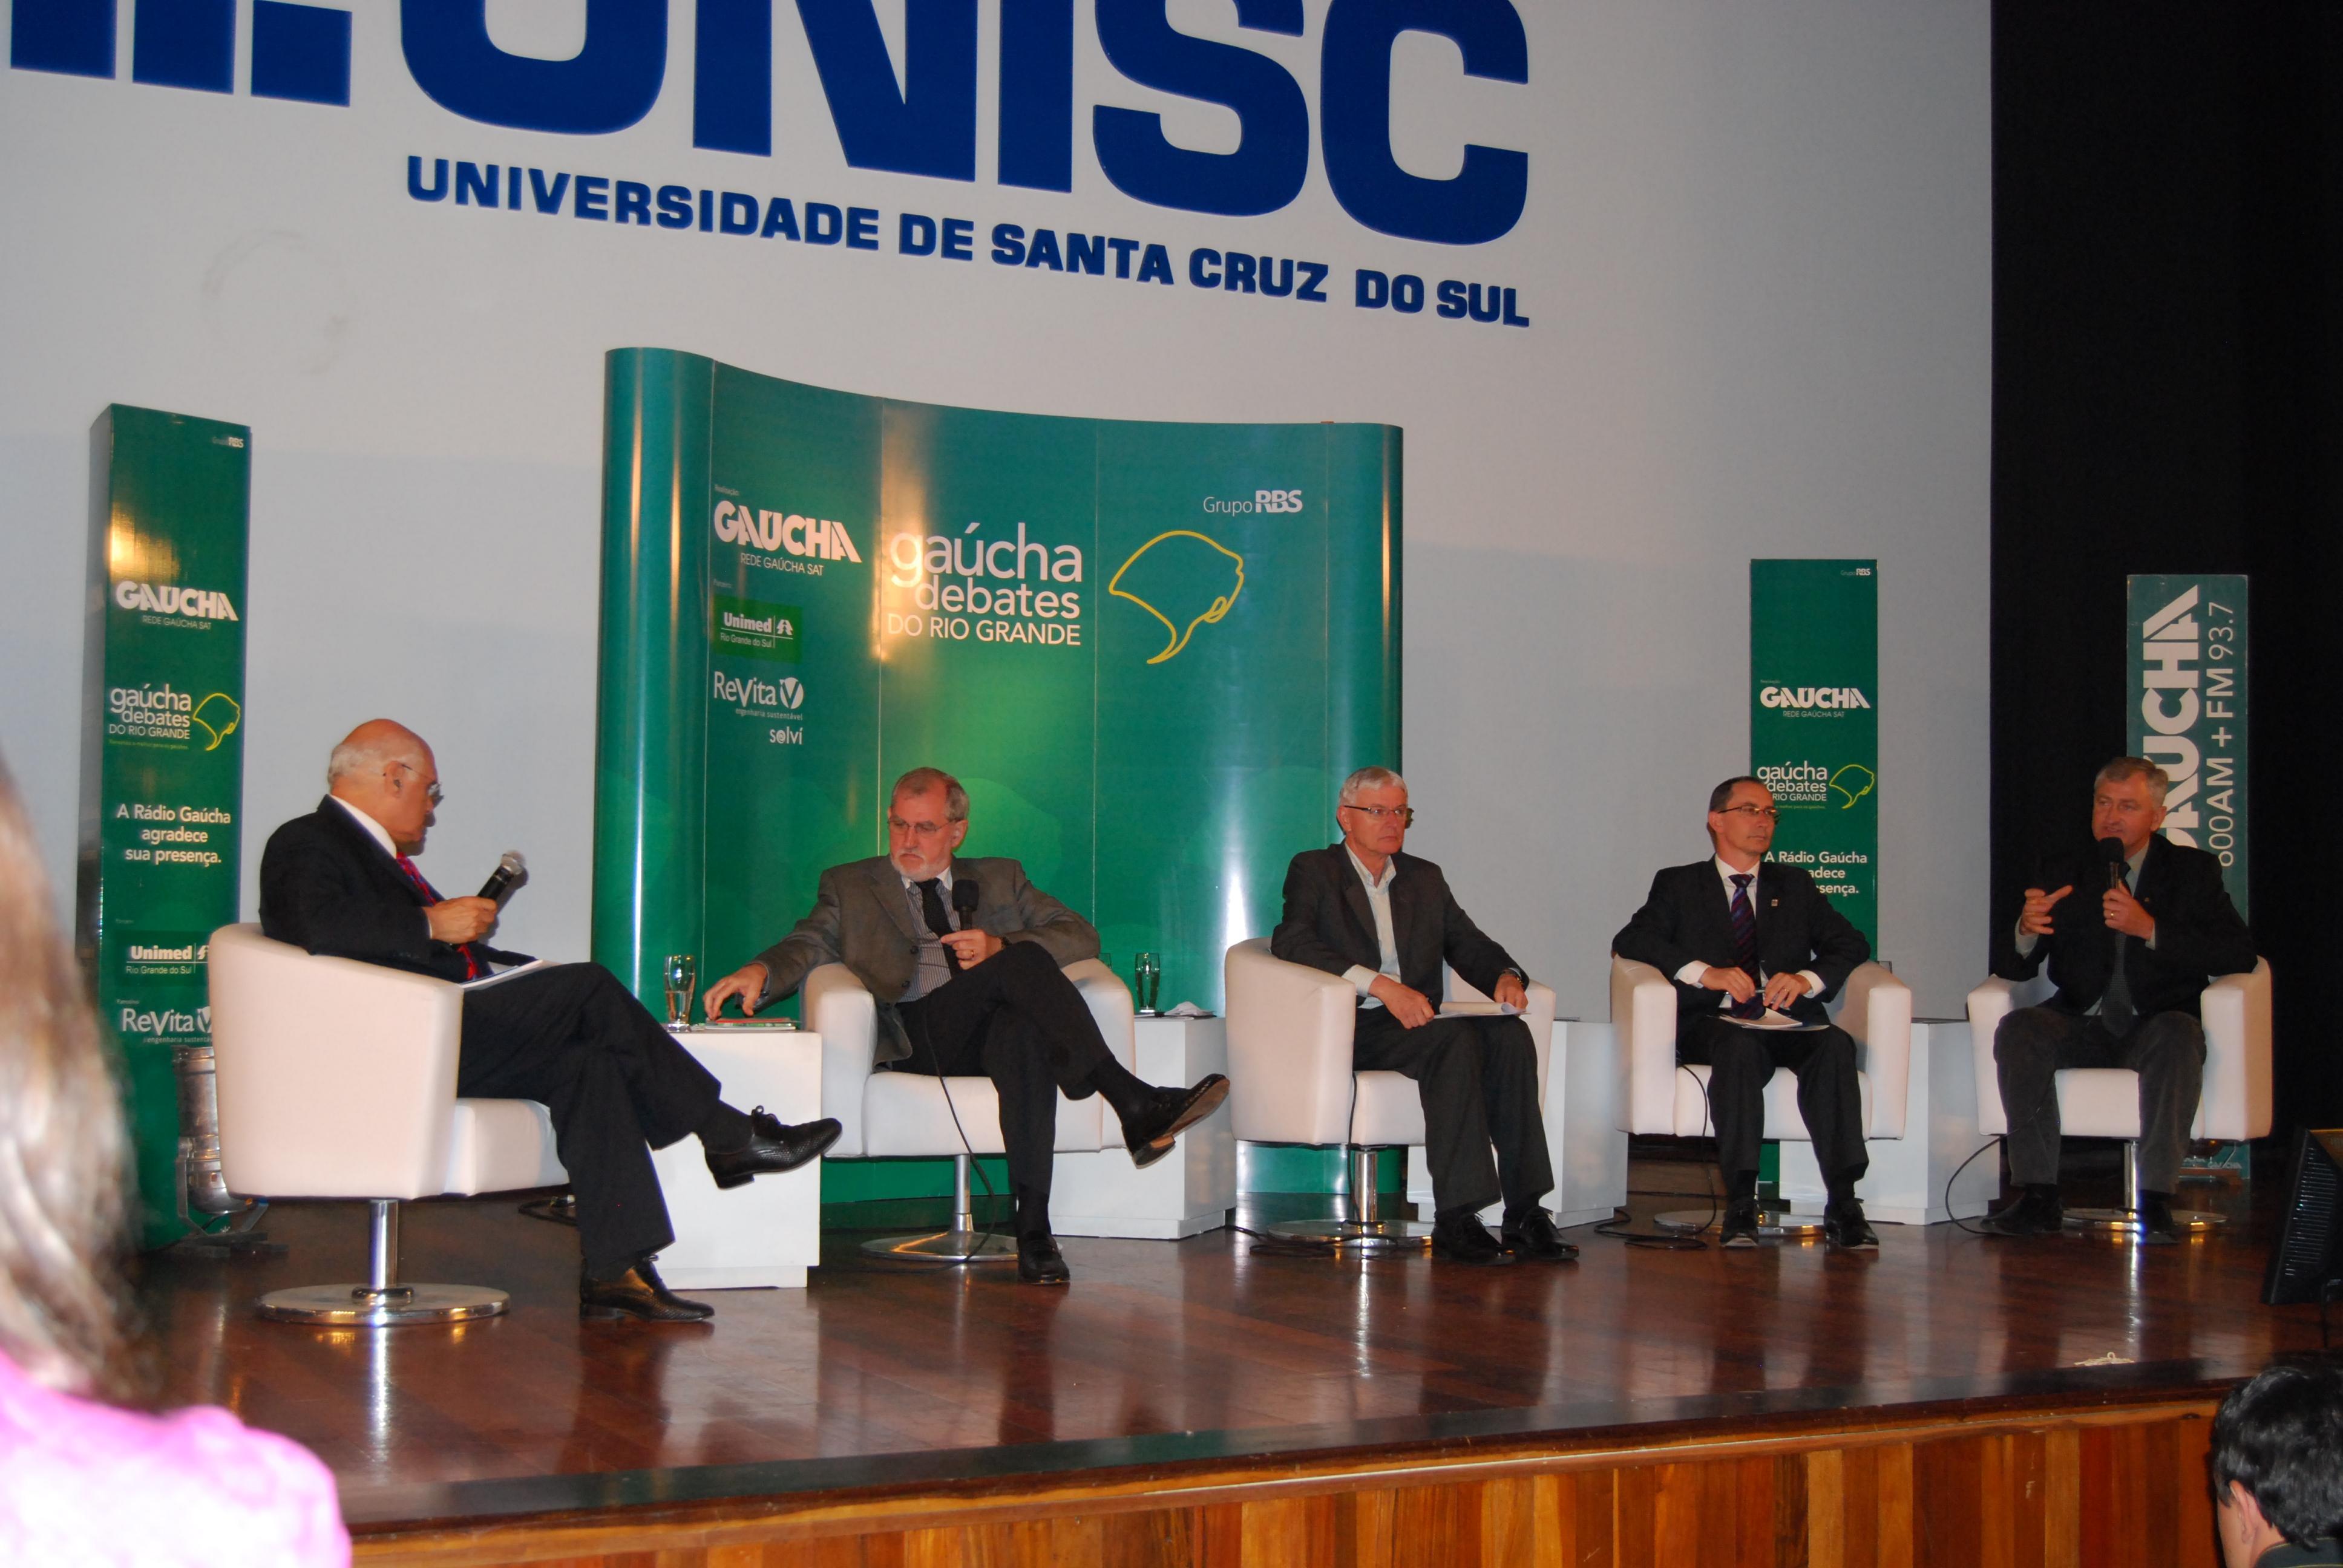 Debates do Rio Grande discute o desenvolvimento do Vale do Rio Pardo ... 98fd6a8cd4